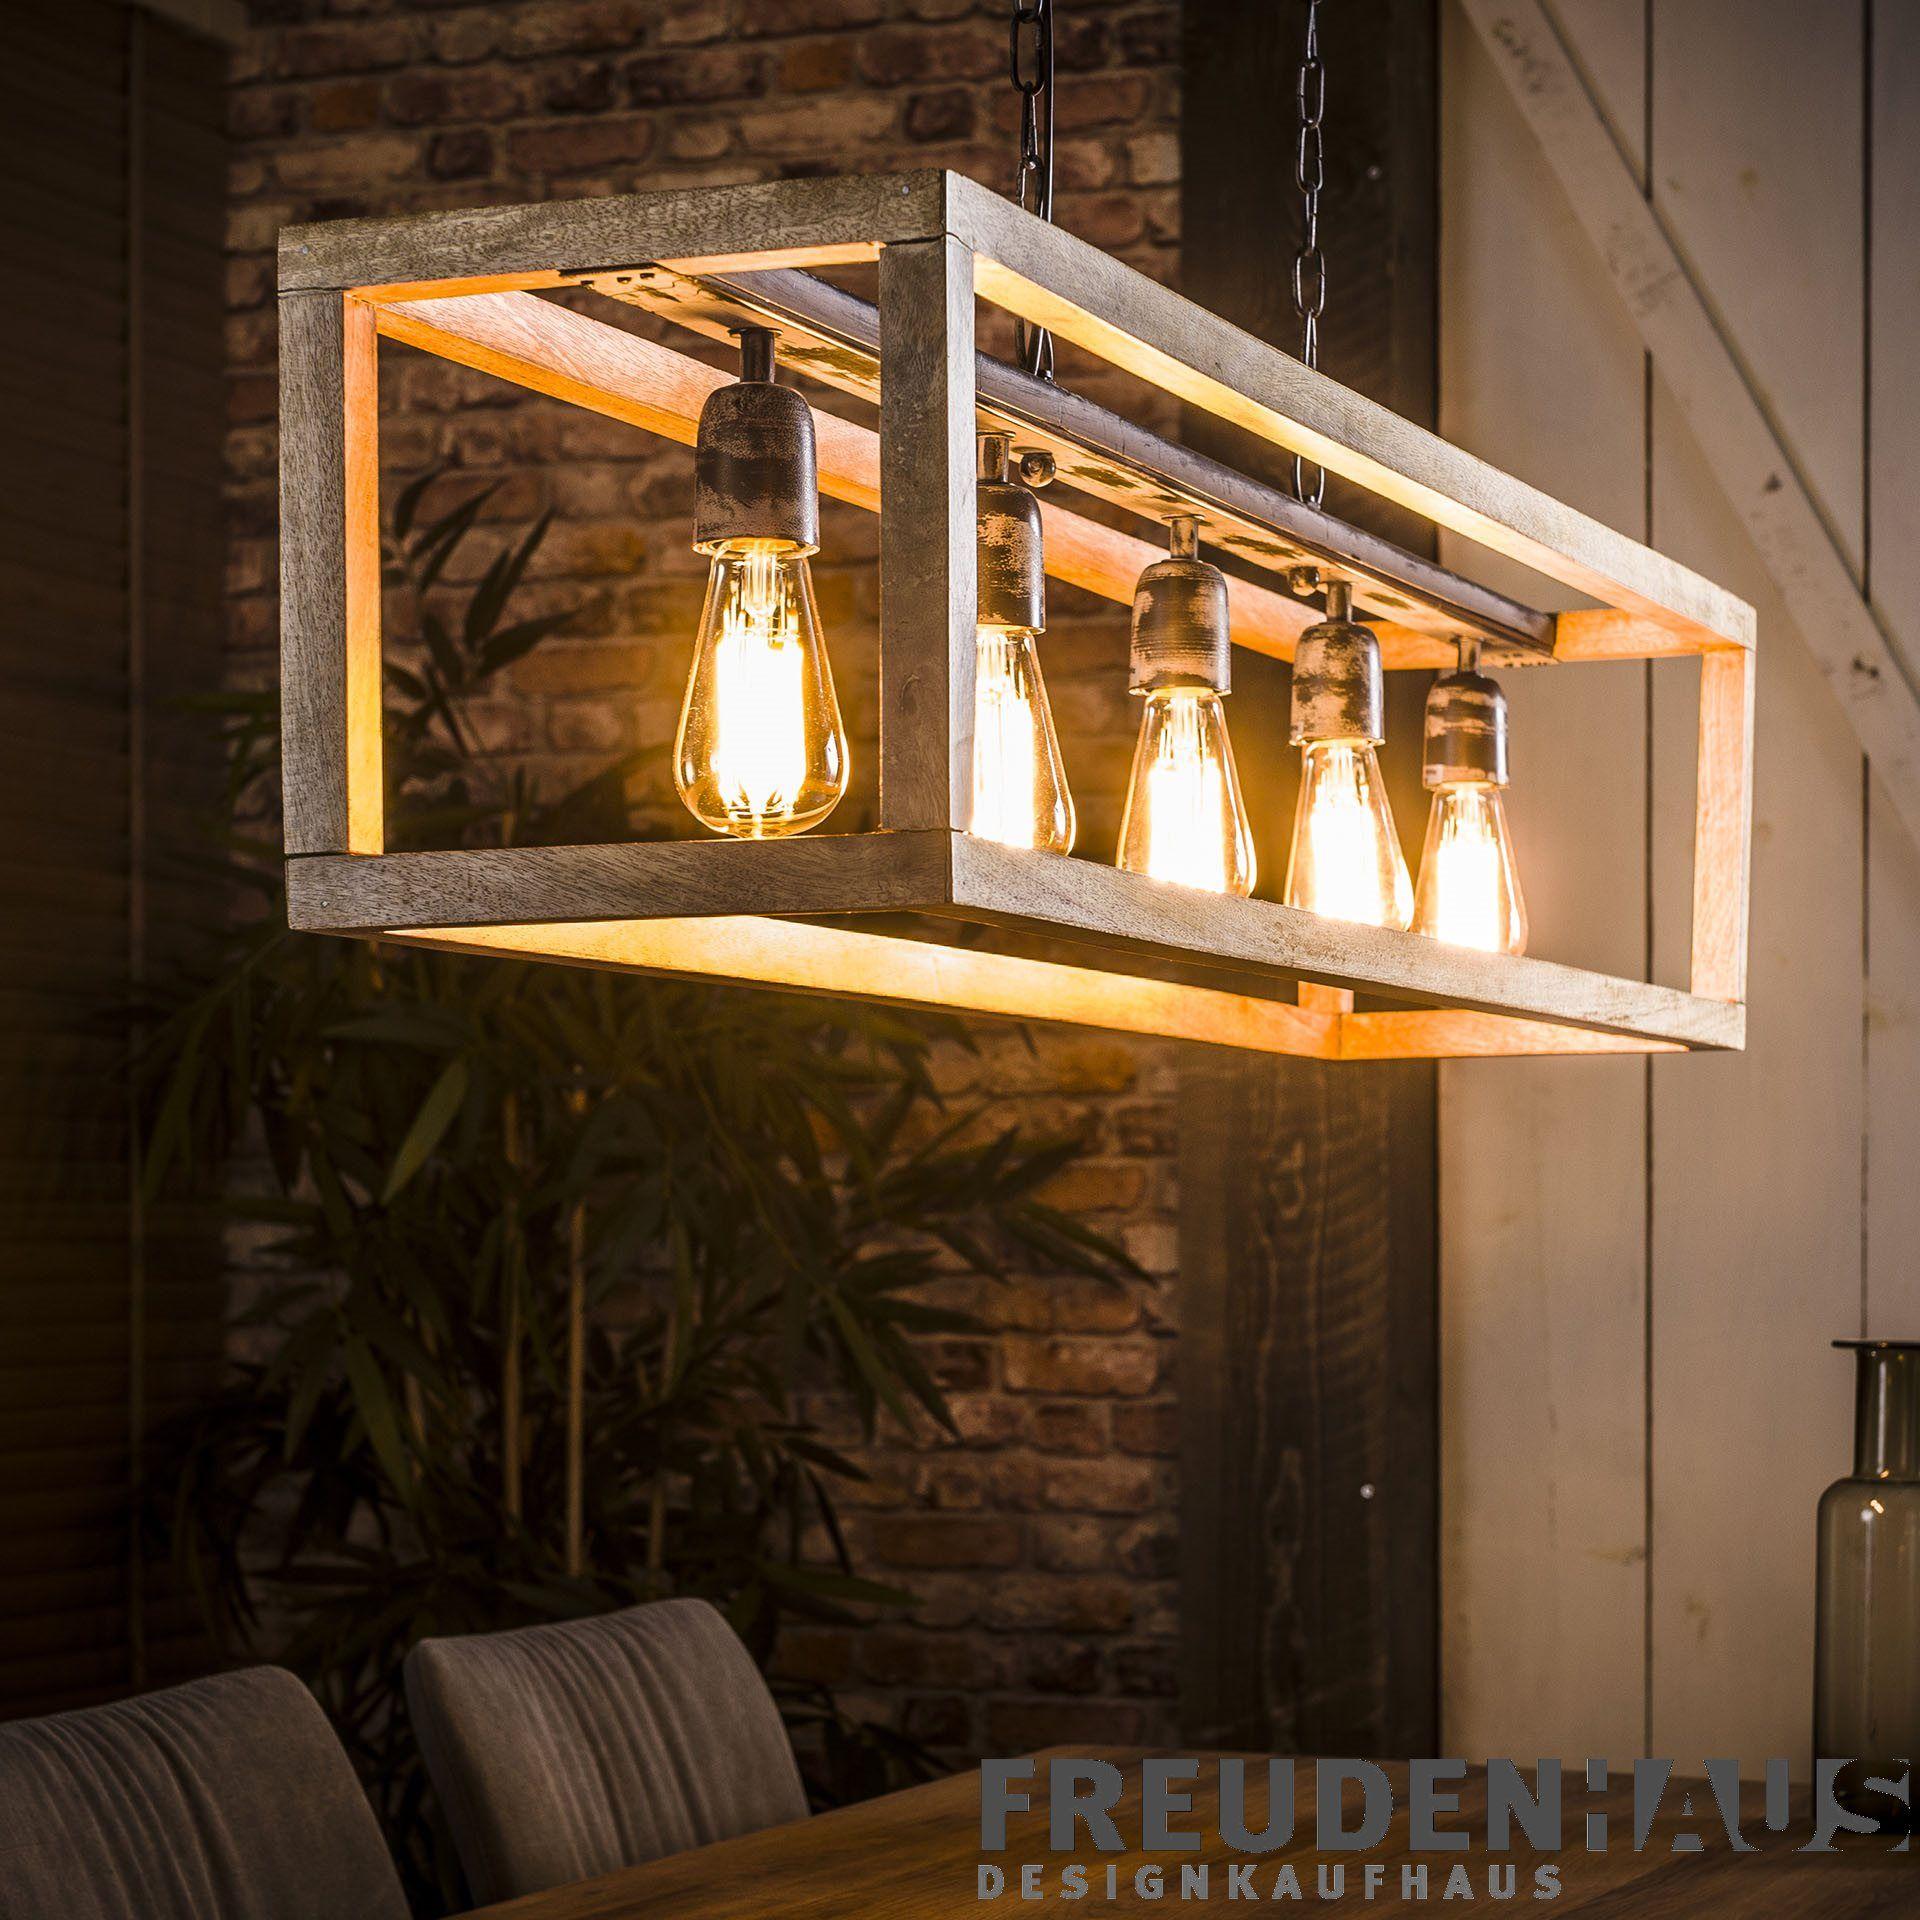 Hangelampe Holzrahmen 5er Rustikal Mit Kette Neuheiten Freudenhaus Designkaufhaus Deckenlampe Holz Lampe Lampendesign